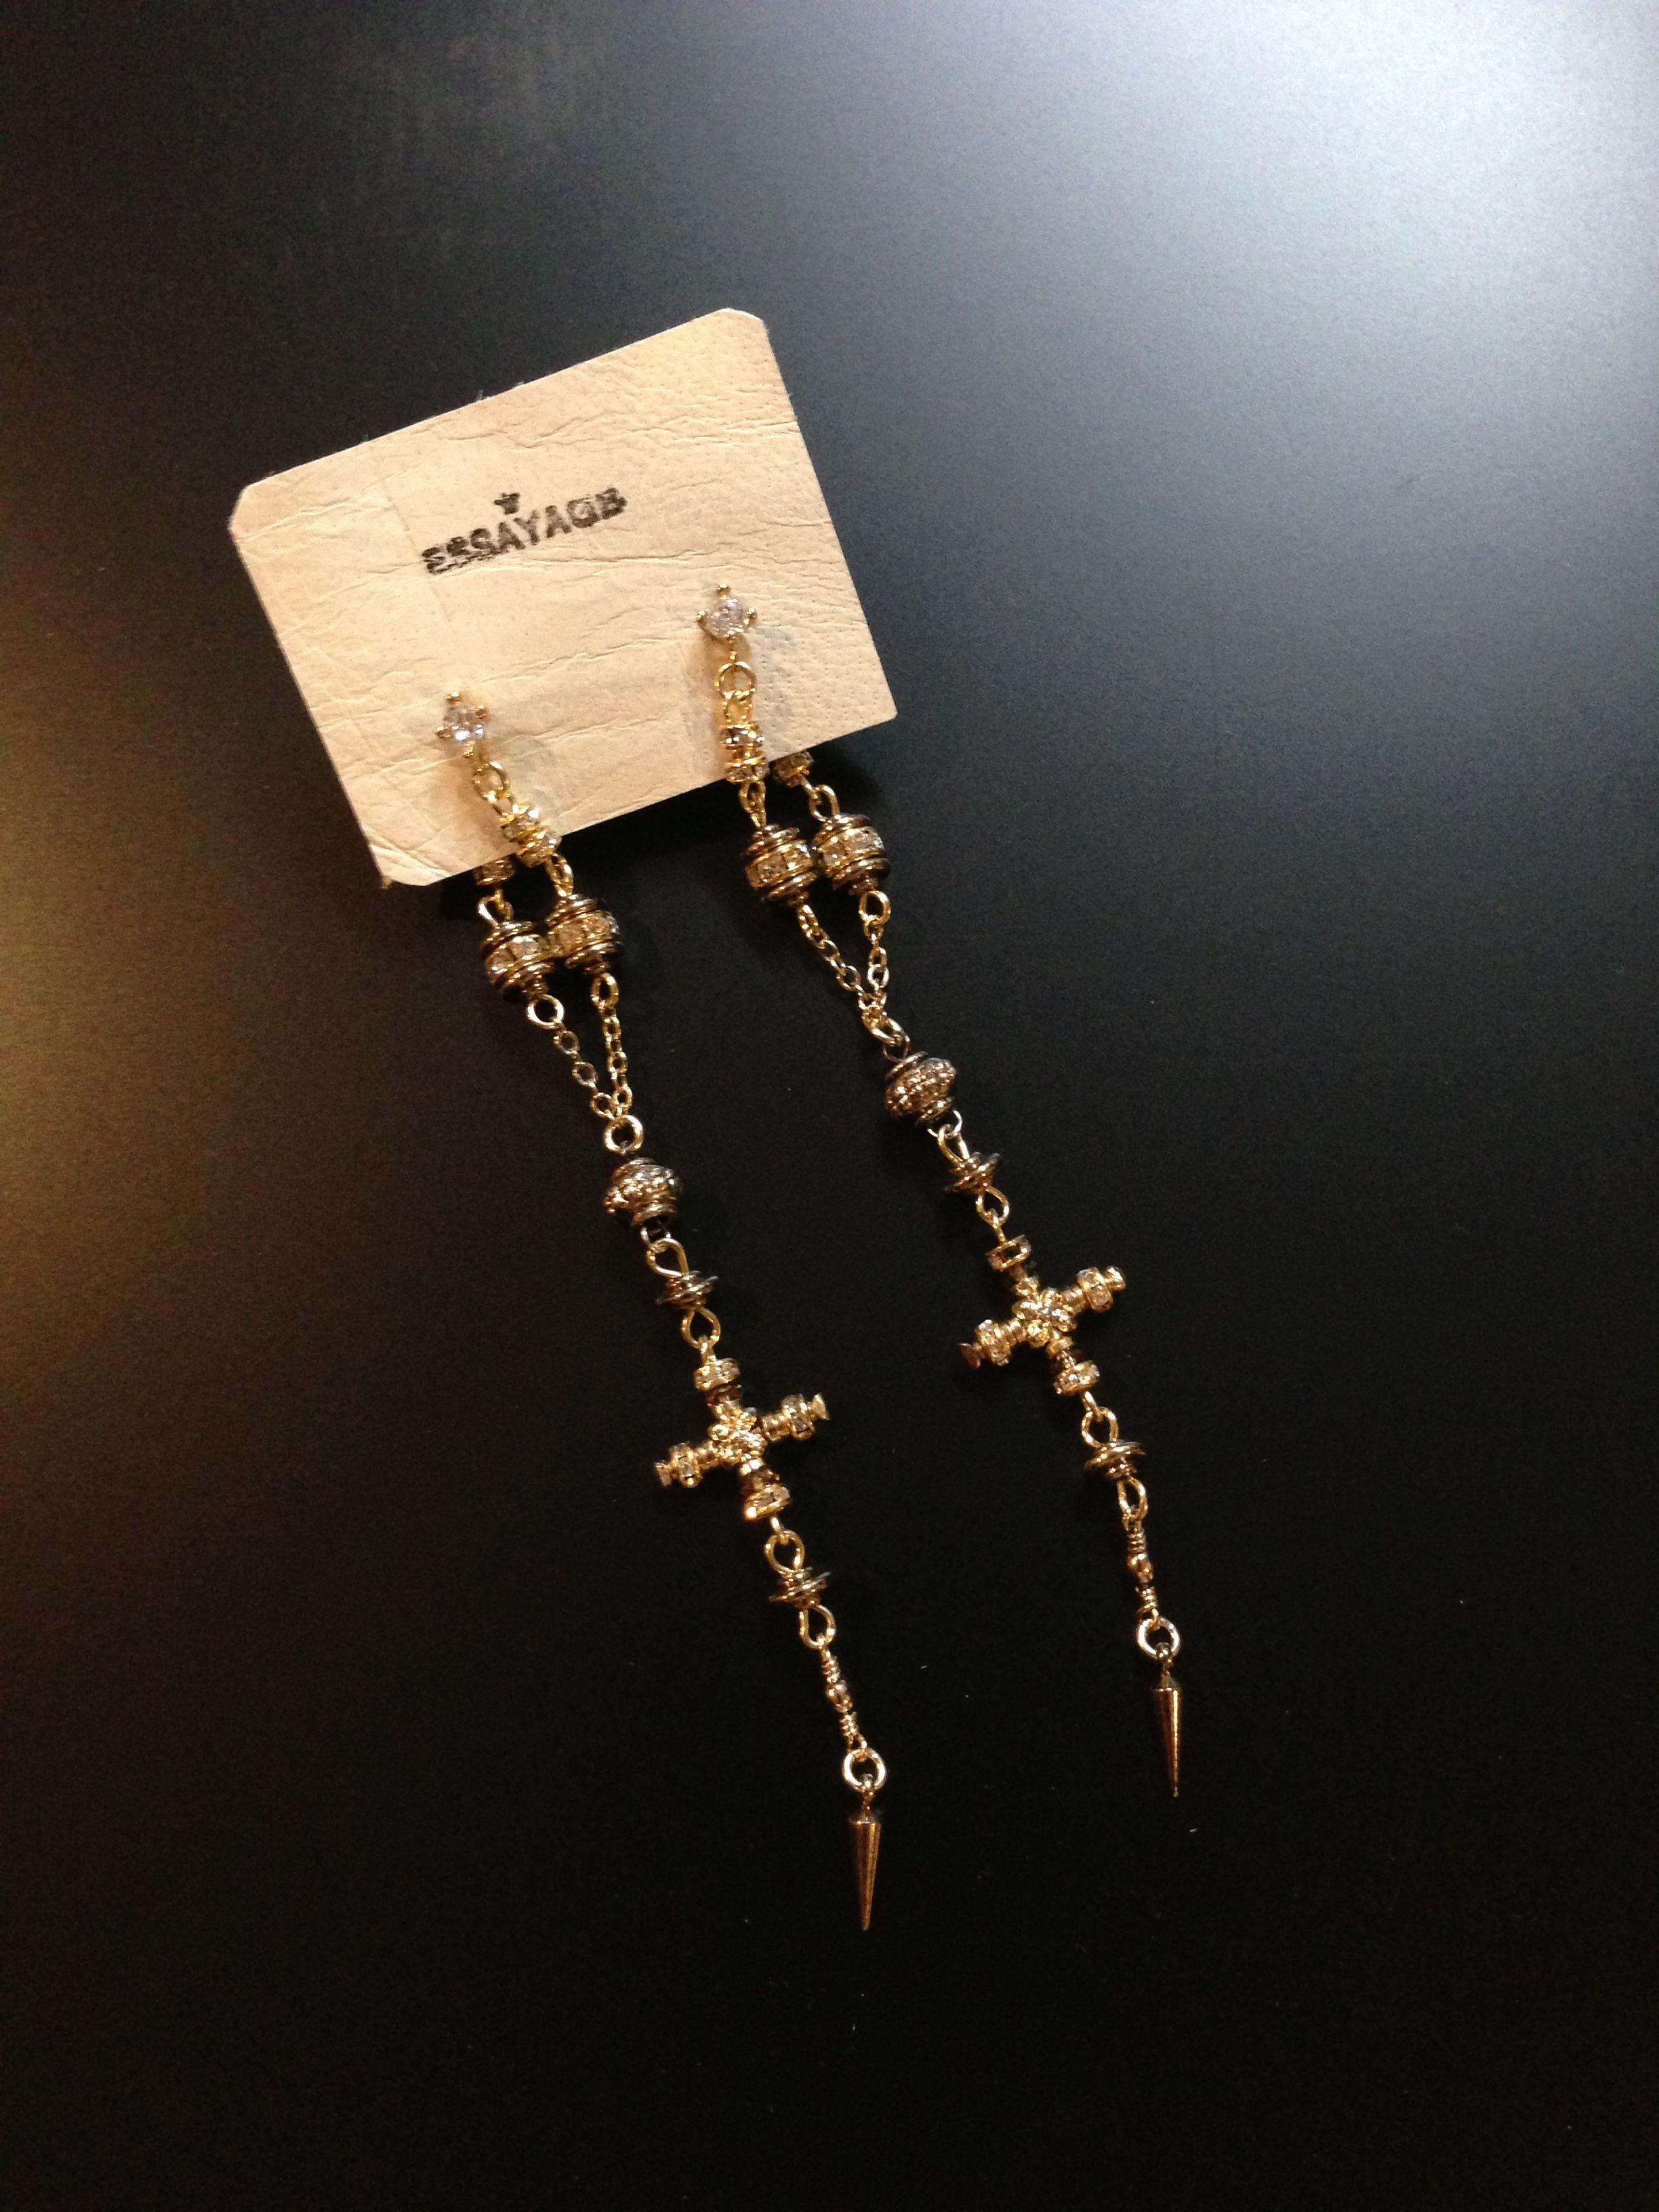 ESSAYAGE earrings